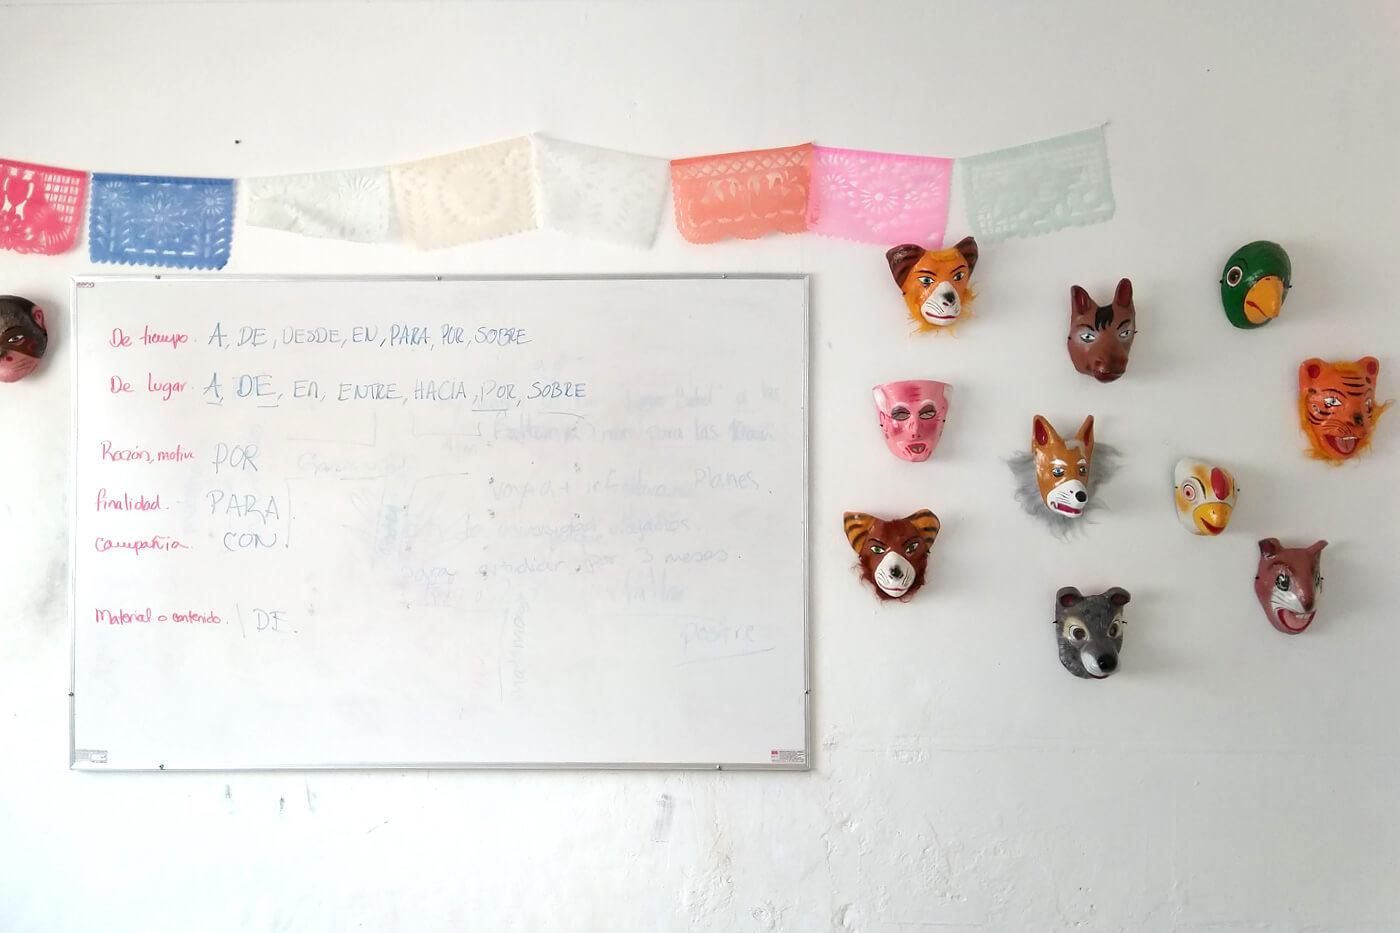 オアハカのフォークアートが至るところにある校舎内